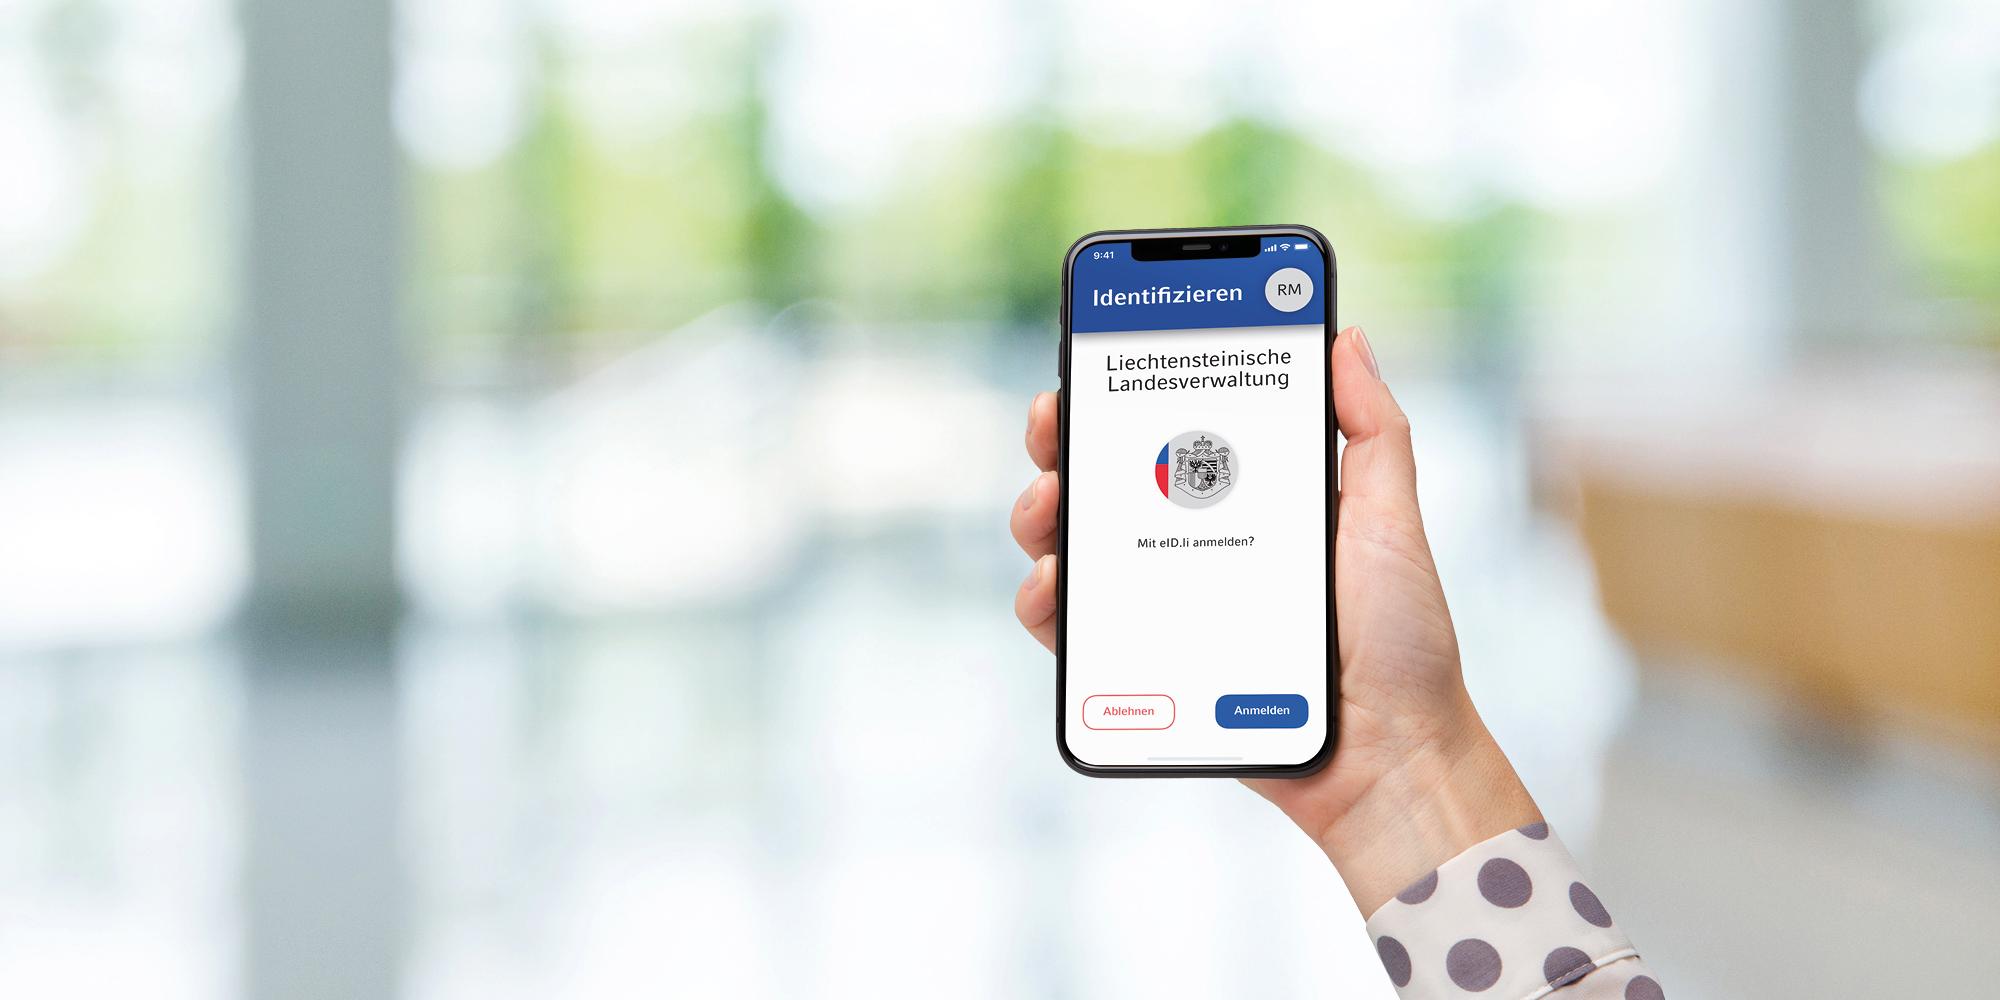 eID App on smartphone